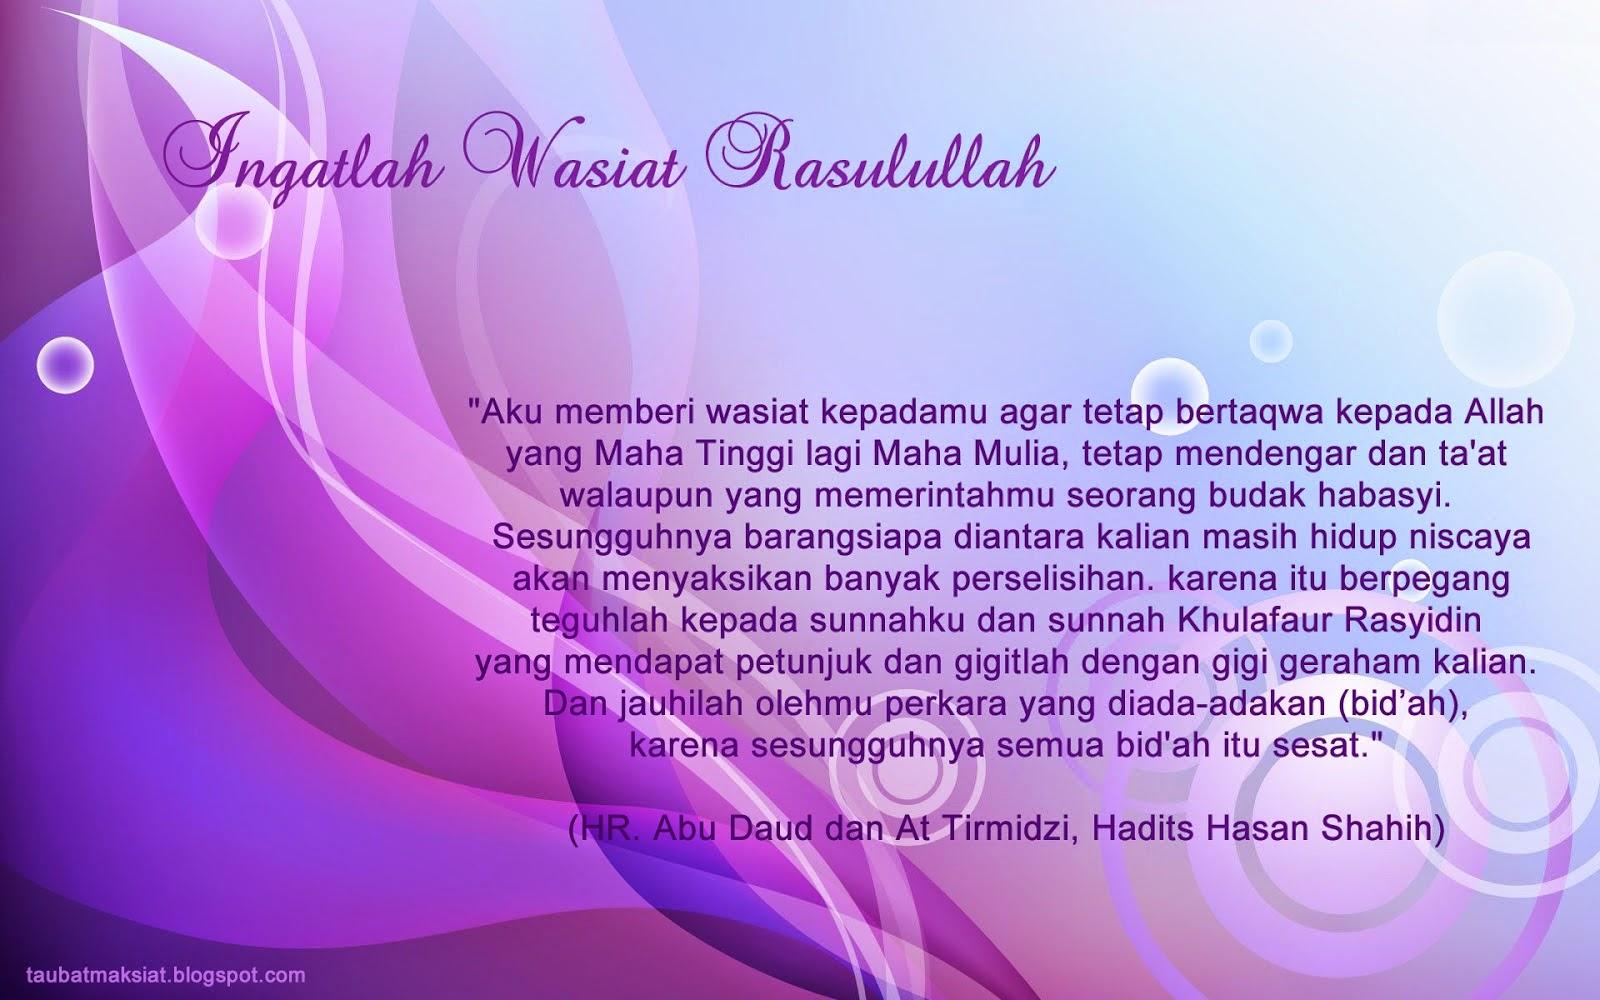 Kalimat Istighfar, Astaghfirullah